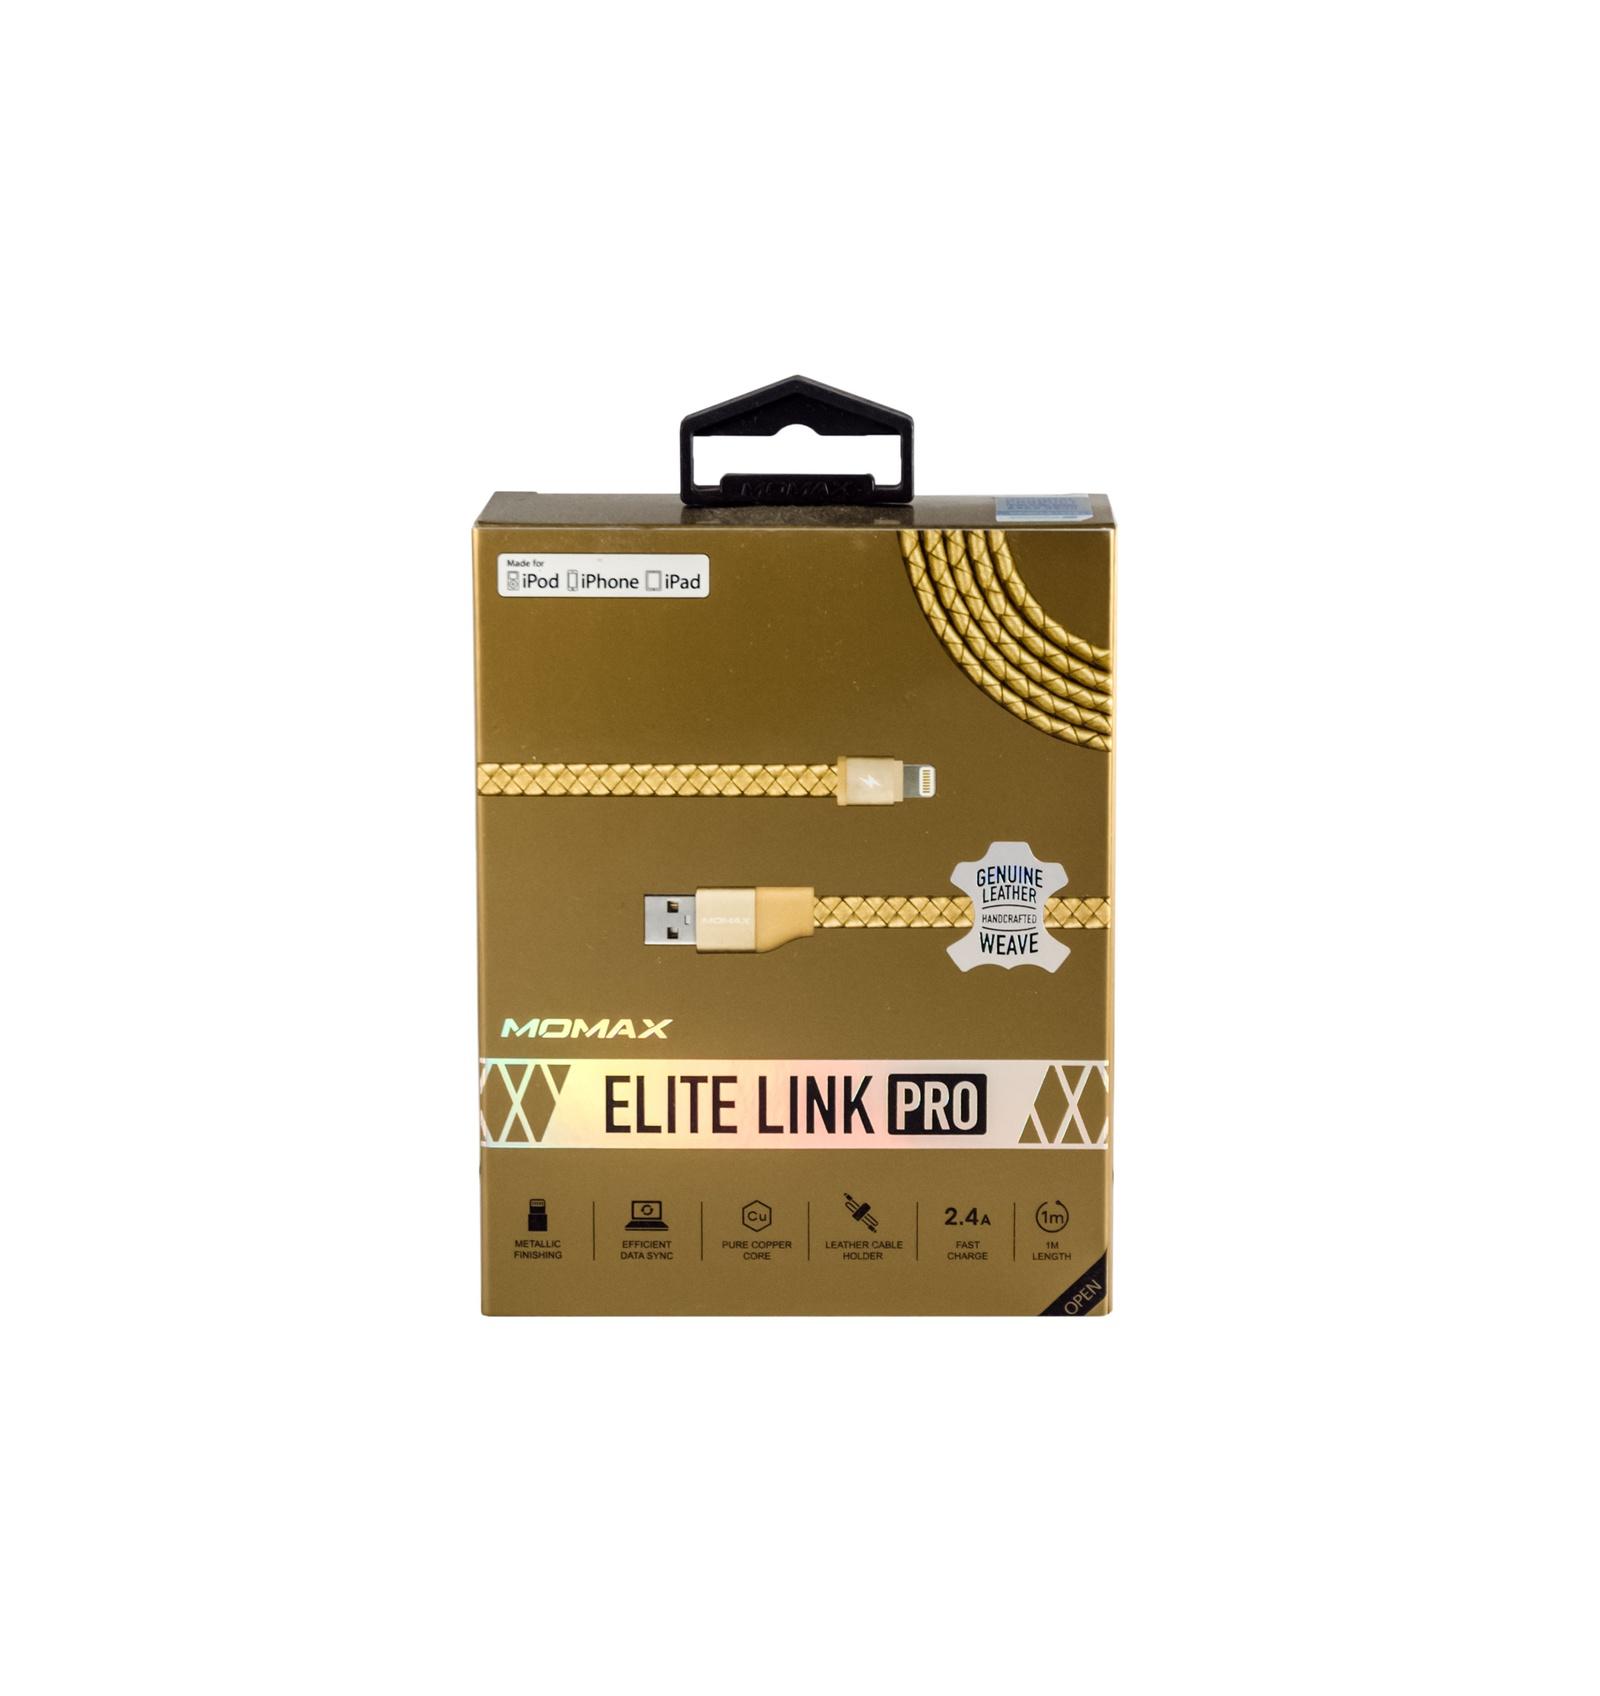 Кабель Momax Lightning-USB для Apple с сертифицированным чипом MFi Elite Link Pro 1 метр , 4894222041417, золотой momax momax тип c на usb кабель usb otg поддержка музыки macbook как прокси мобильного телефона 5 meizu pro u дисковая мышь и клавиатура 18 см серебристый